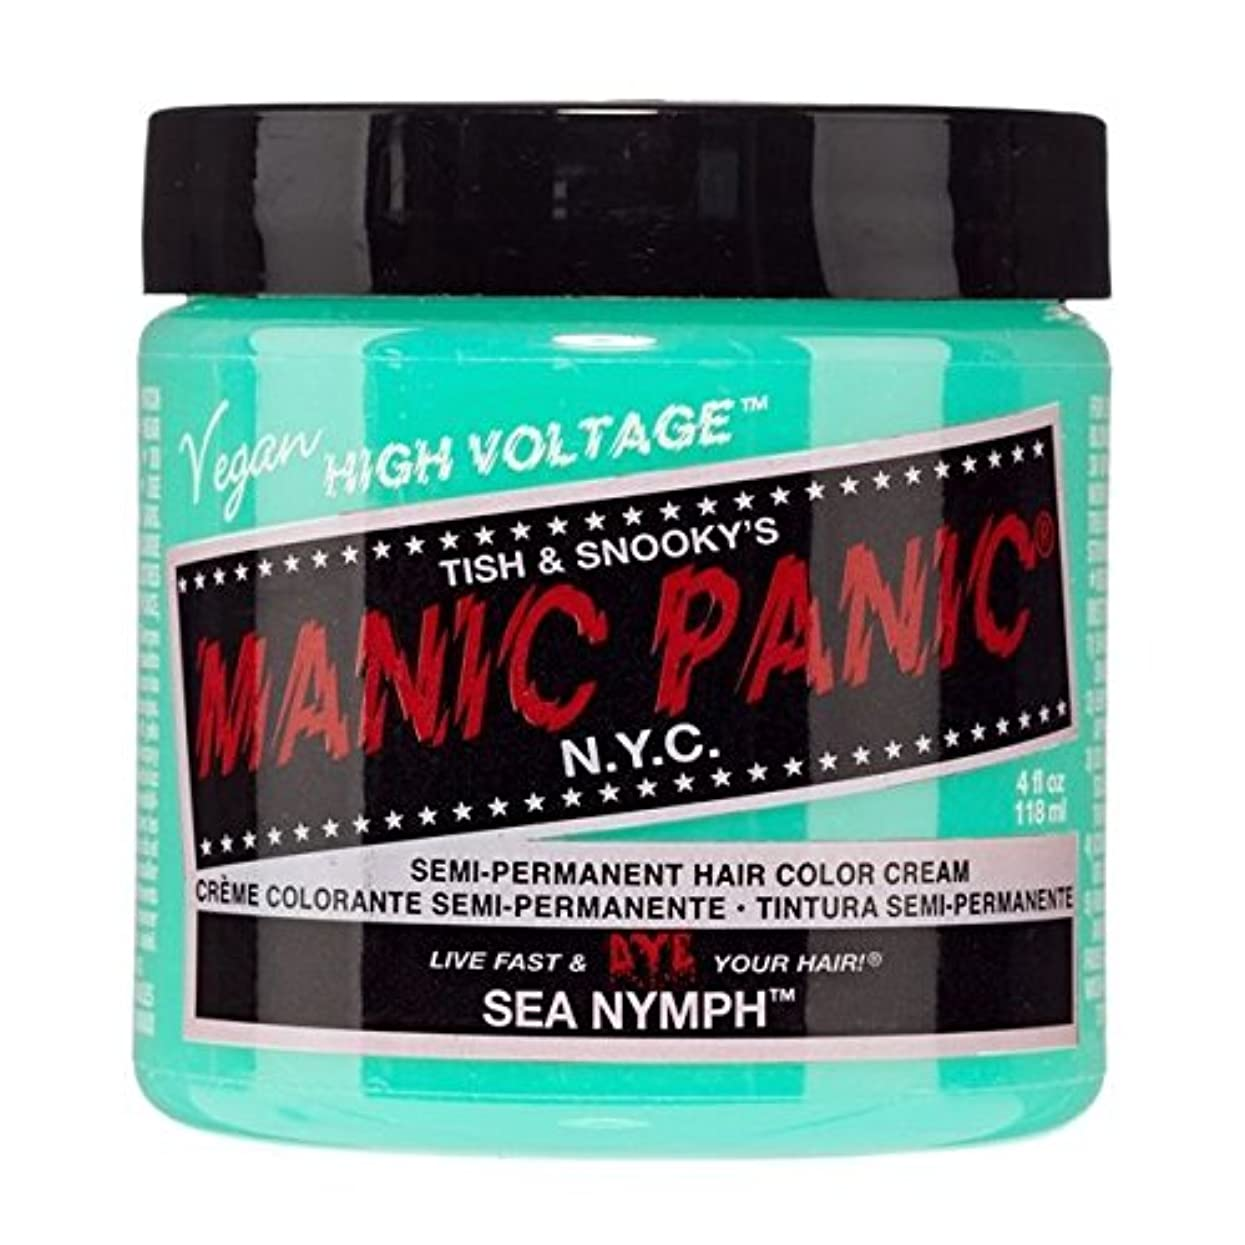 入り口ケージ風変わりなスペシャルセットMANIC PANICマニックパニック:SEA NYMPH (シーニンフ)+ヘアカラーケア4点セット